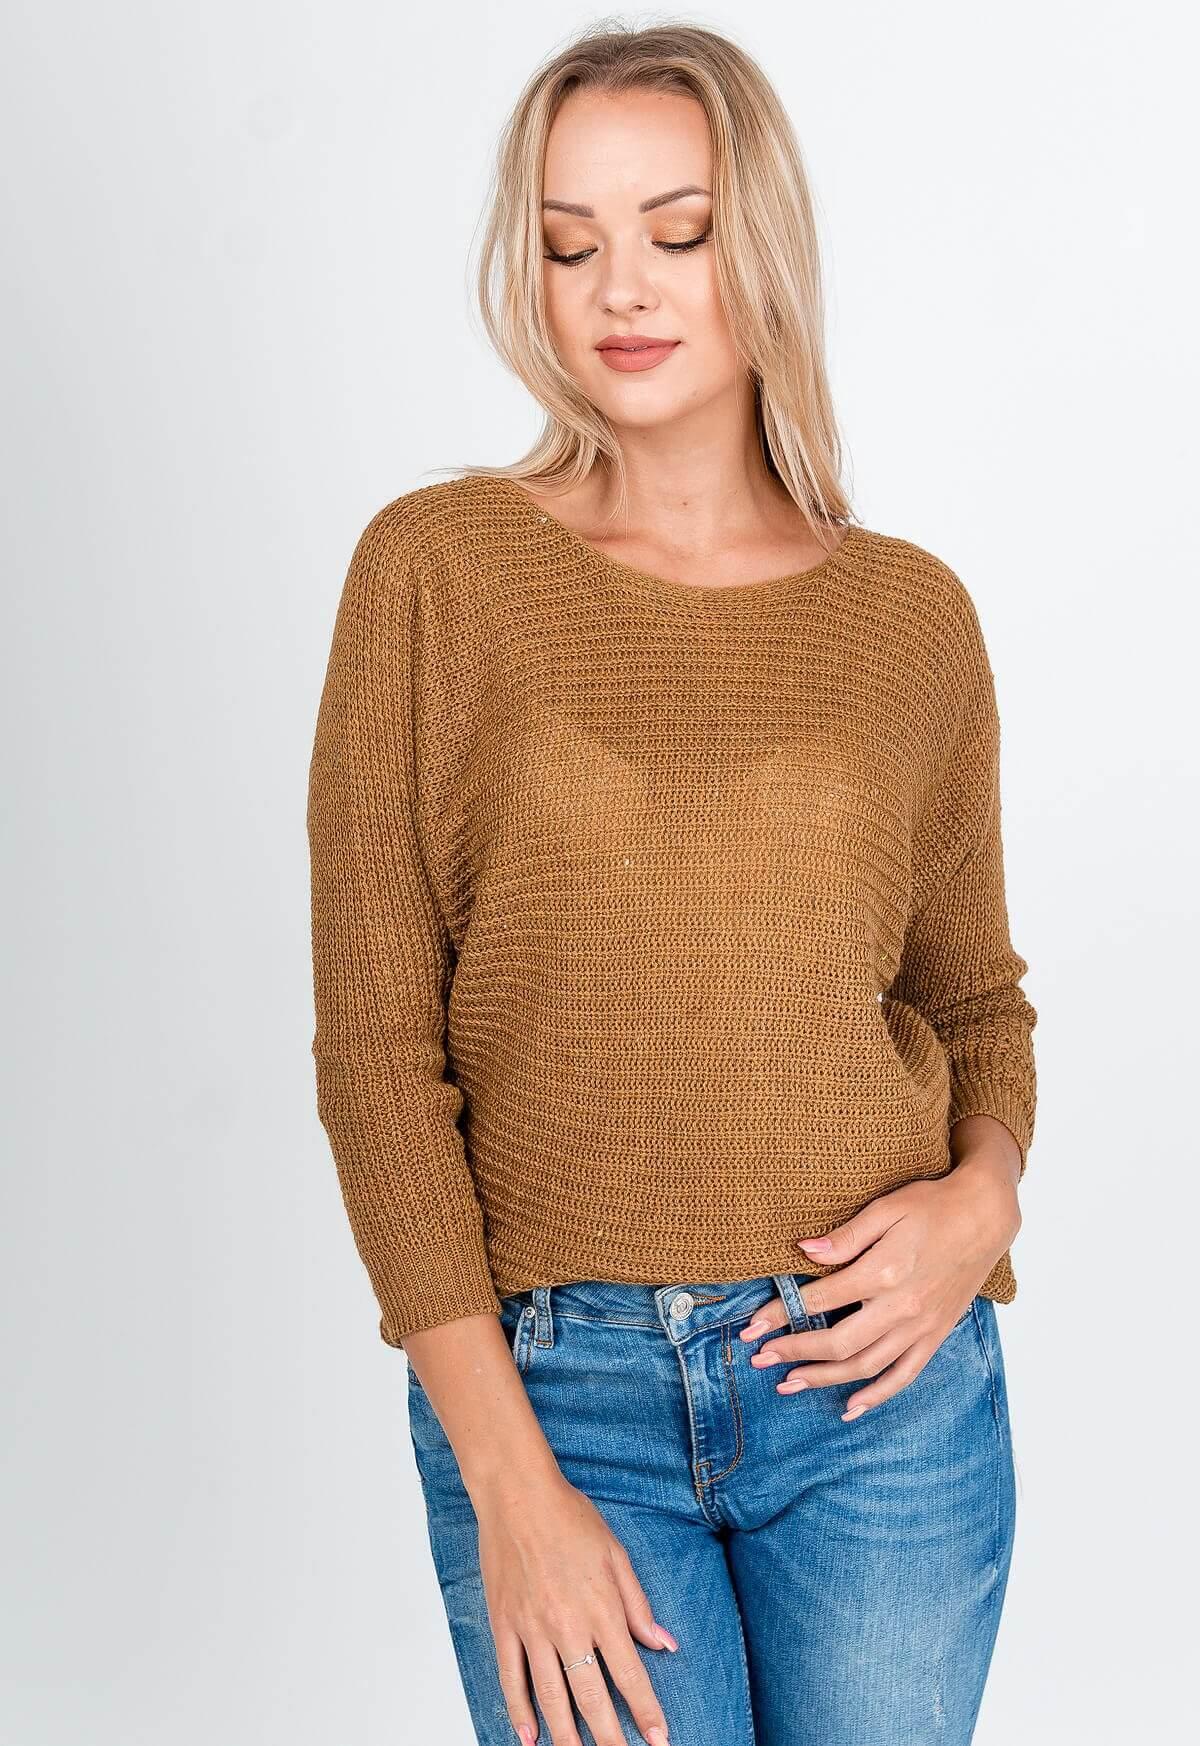 Hnedý oversize sveter s okrúhlym výstrihom